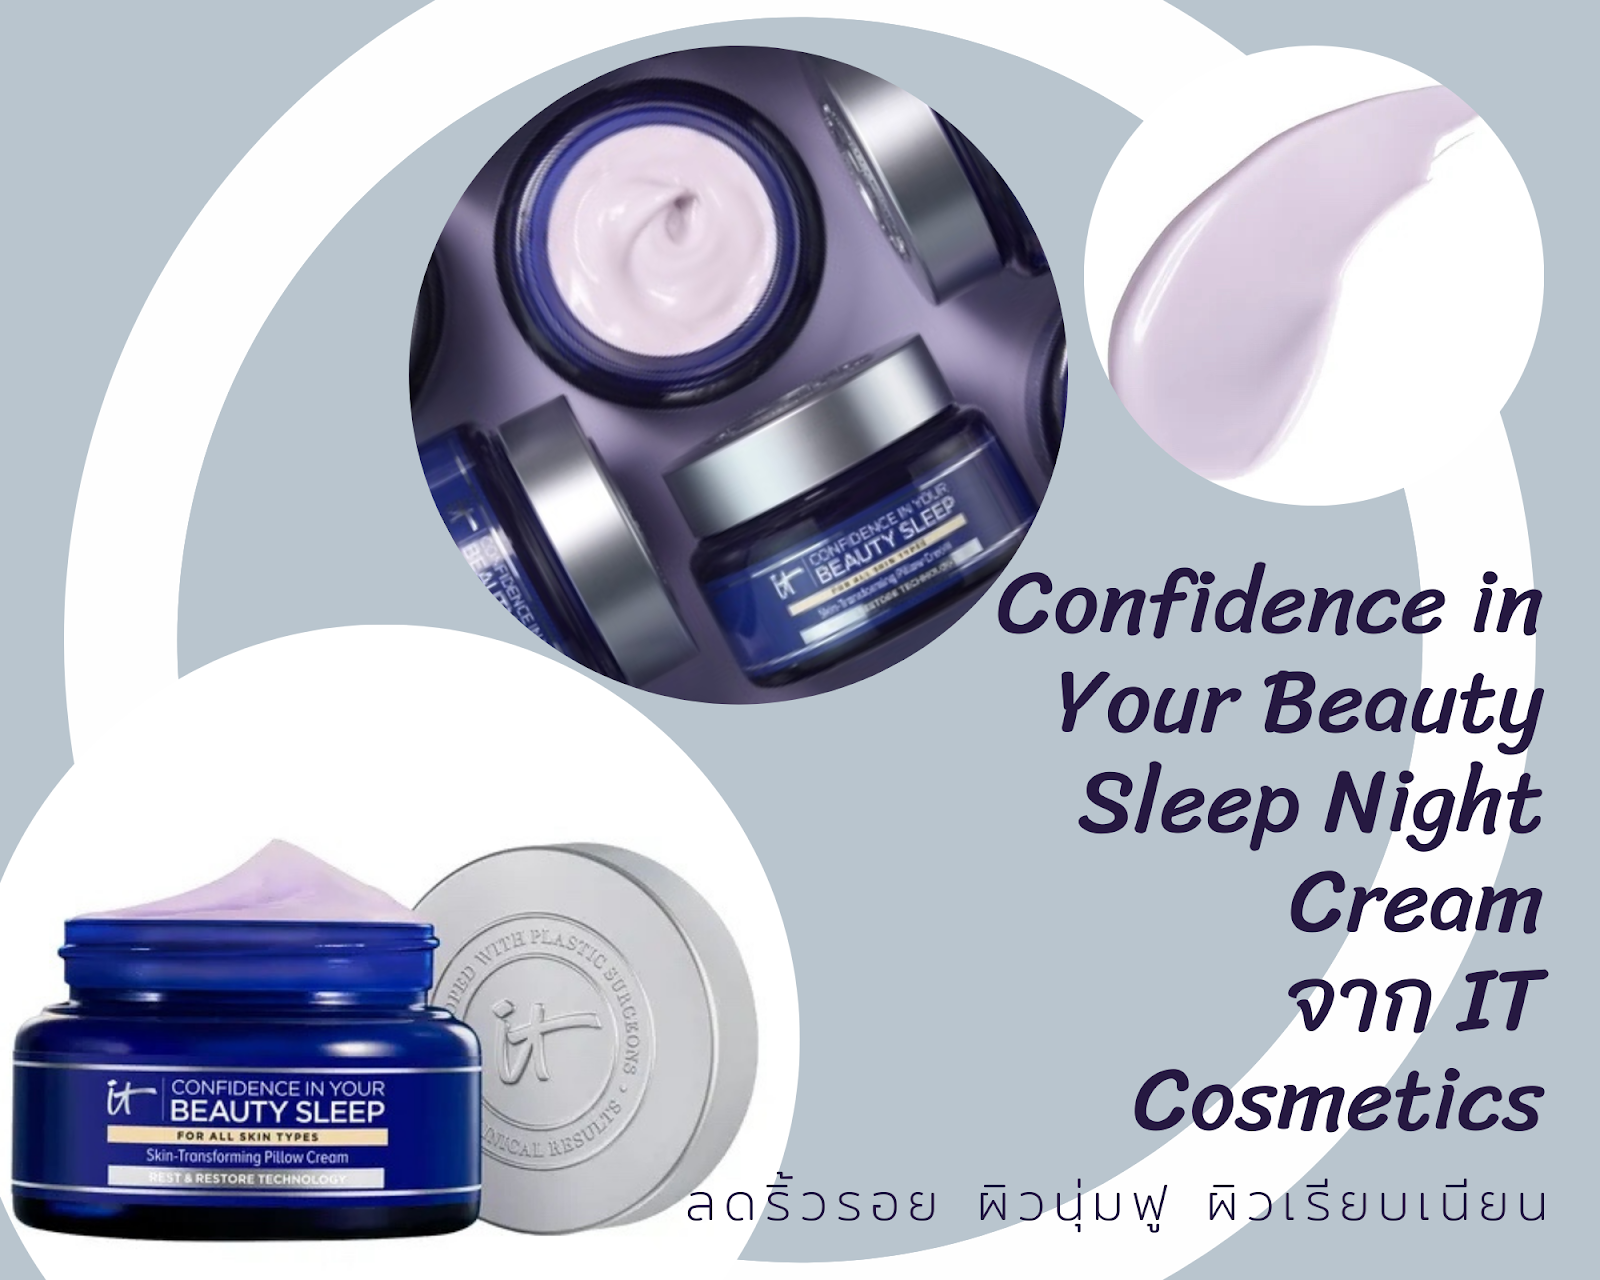 ไนท์ครีมน่าลอง : Confidence in Your Beauty Sleep Night Cream (IT Cosmetics)